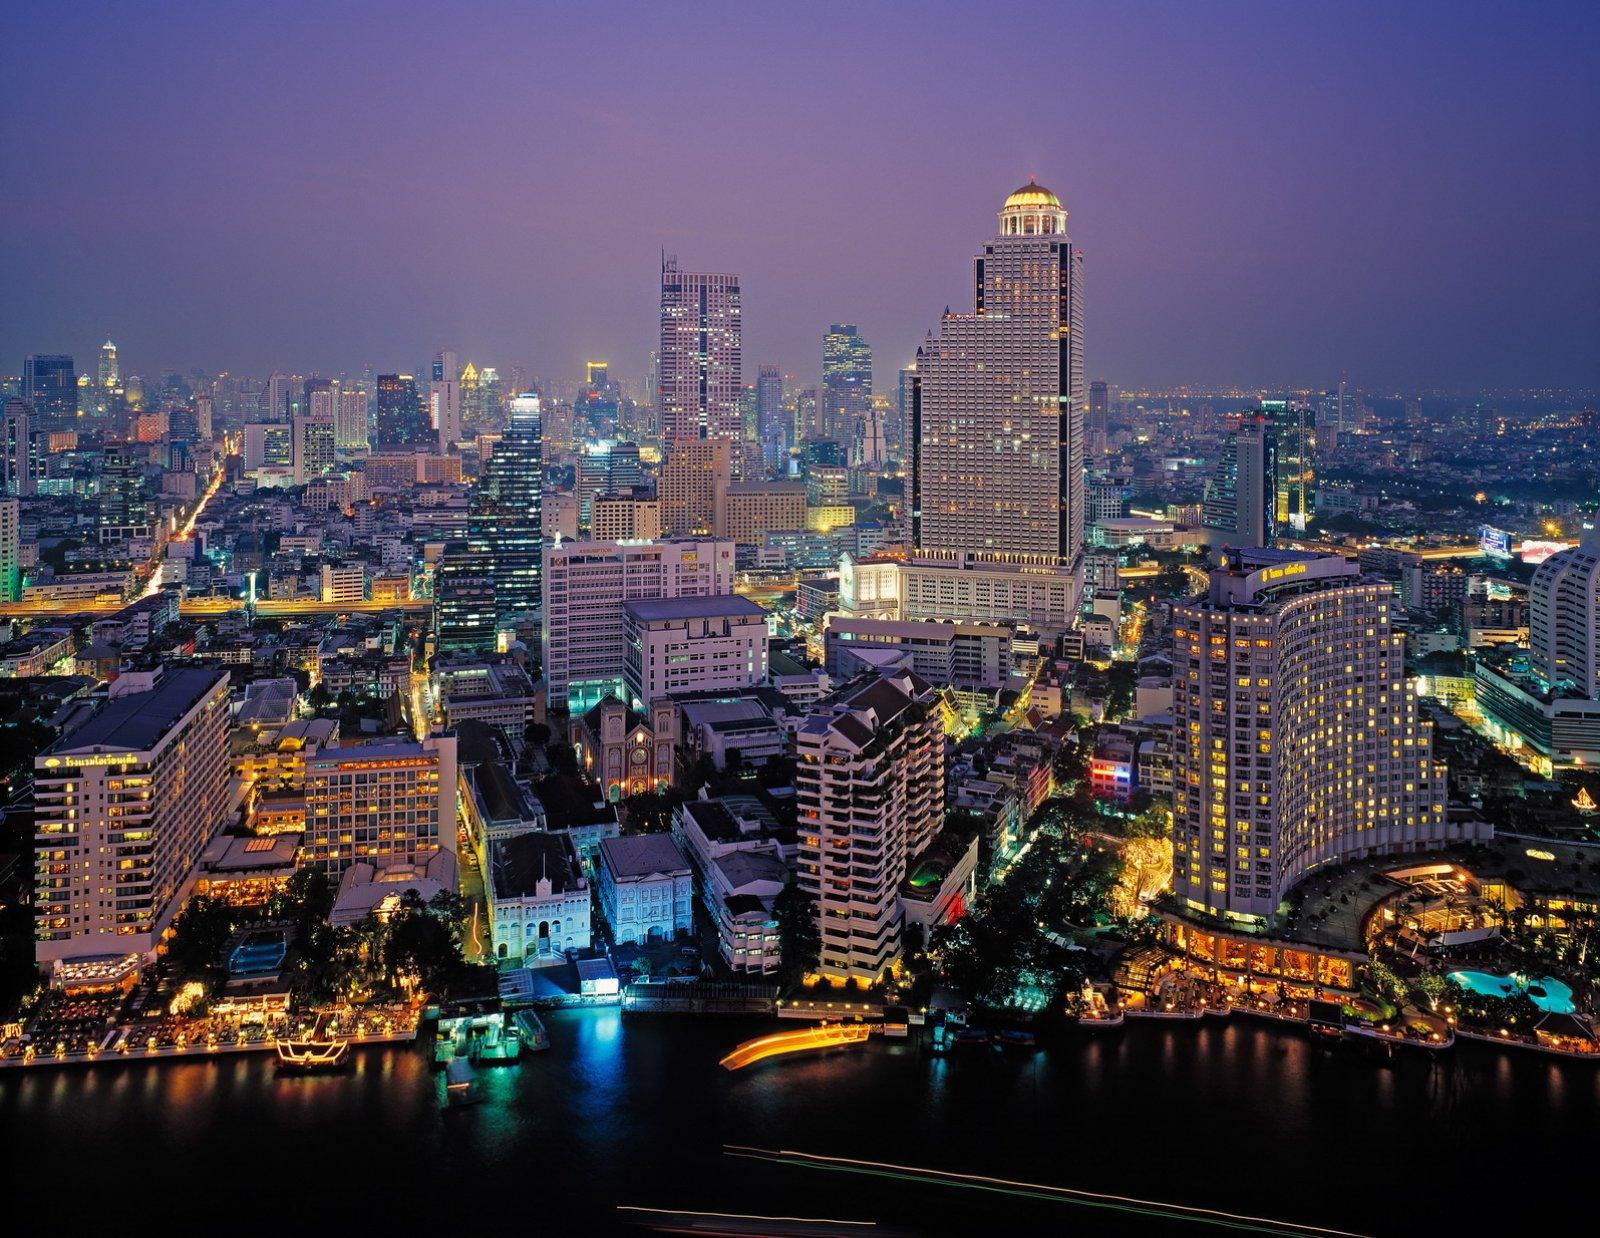 http://1.bp.blogspot.com/-7dK8agiaXG8/UFdmx5Kc5JI/AAAAAAAAAB4/a_sfnkQoymY/s1600/bangkok-wallpaper1.jpeg